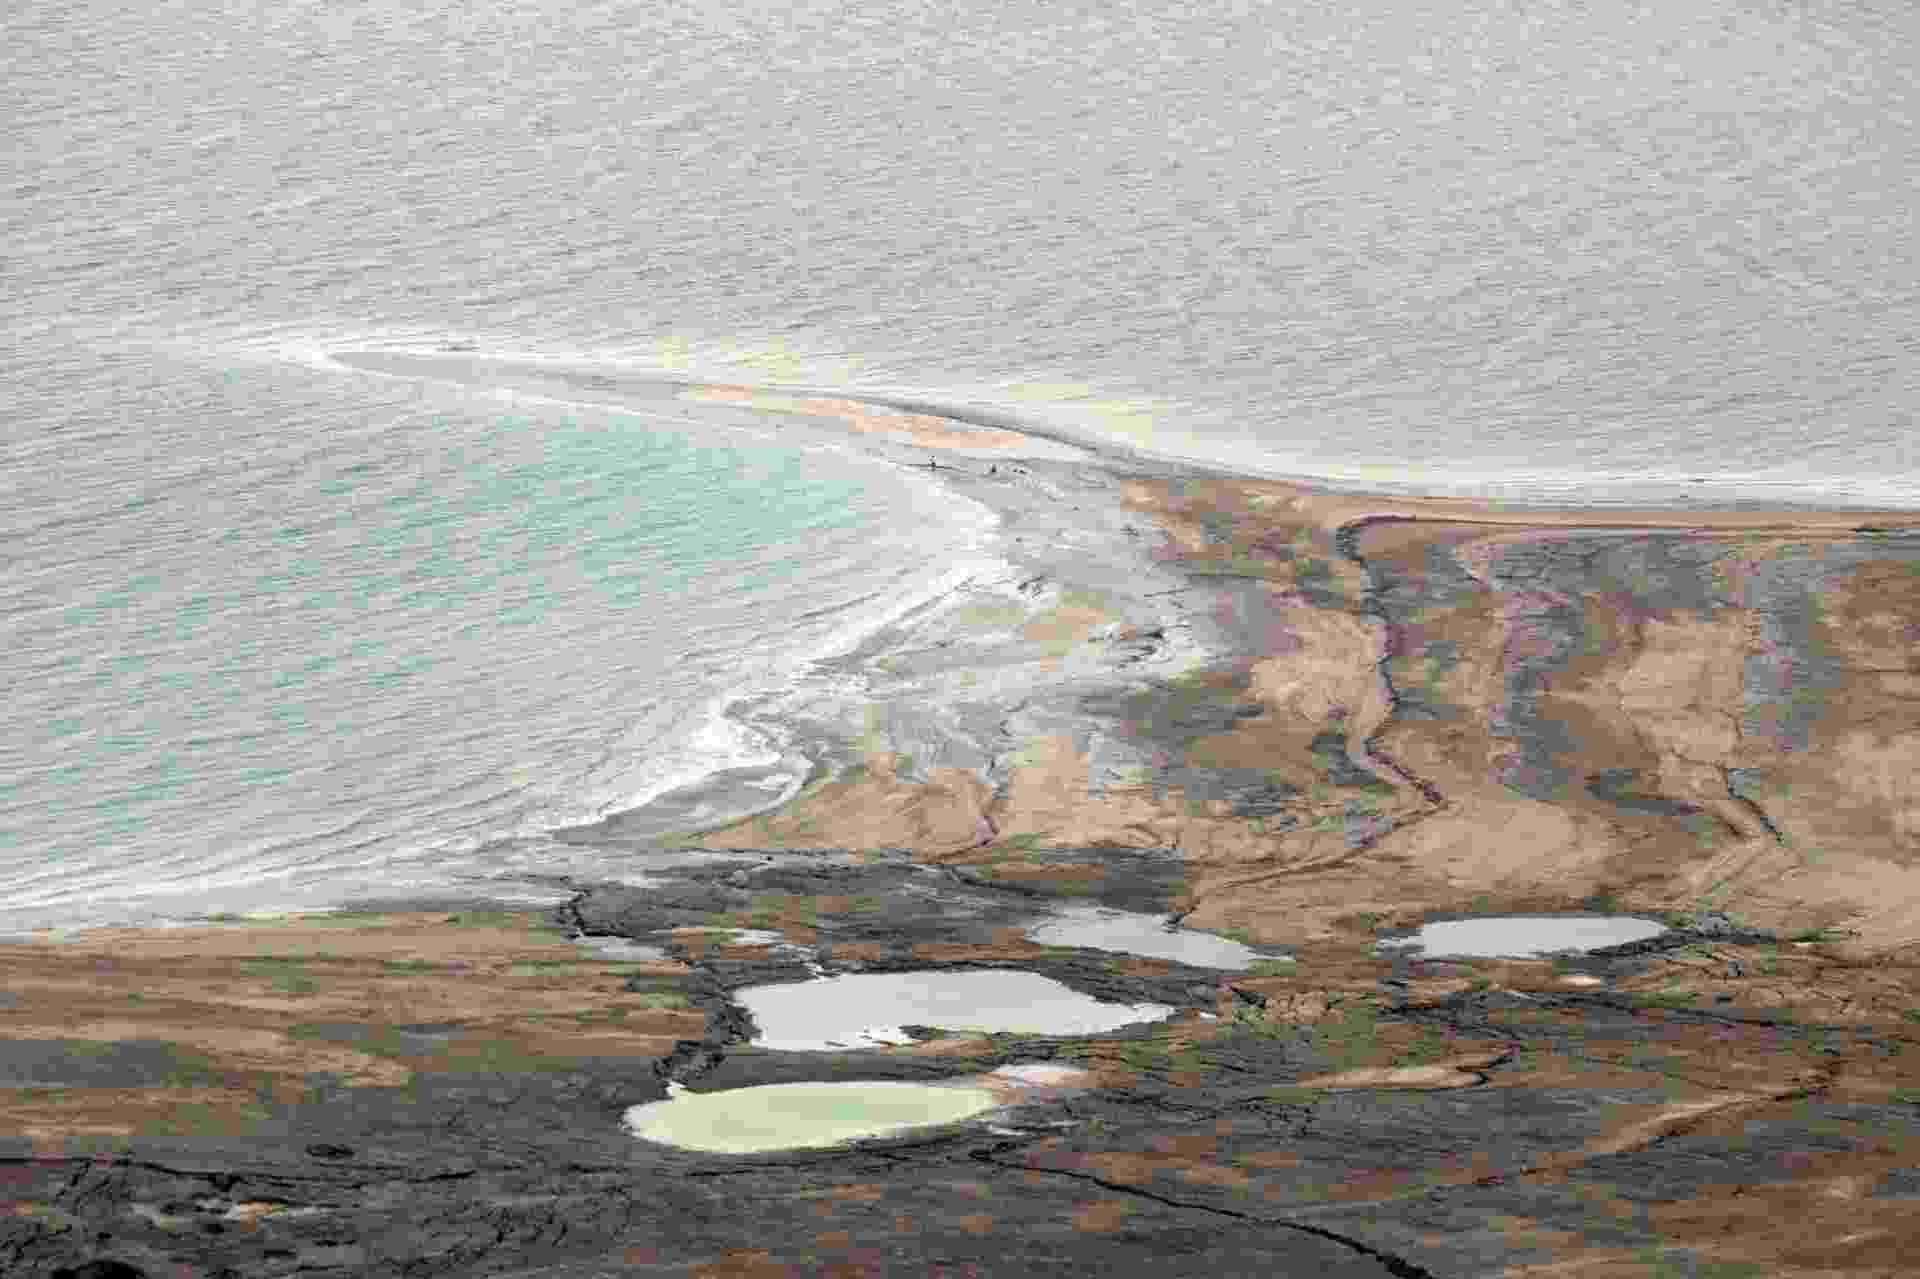 22.ago.2013 - Abdullah Nsur, premiê da Jordânia, anunciou nesta semana o começo da primeira fase do ambicioso plano para transportar a água do Mar Vermelho para o Mar Morto, que encolhe mais de um metro por ano e corre risco de secar completamente antes de 2050. O projeto tem custo de US$ 1 bilhão e levara ao país desértico cerca de 100 milhões de metros cúbicos de água dessalinizada por ano - Jack Guez/AFP